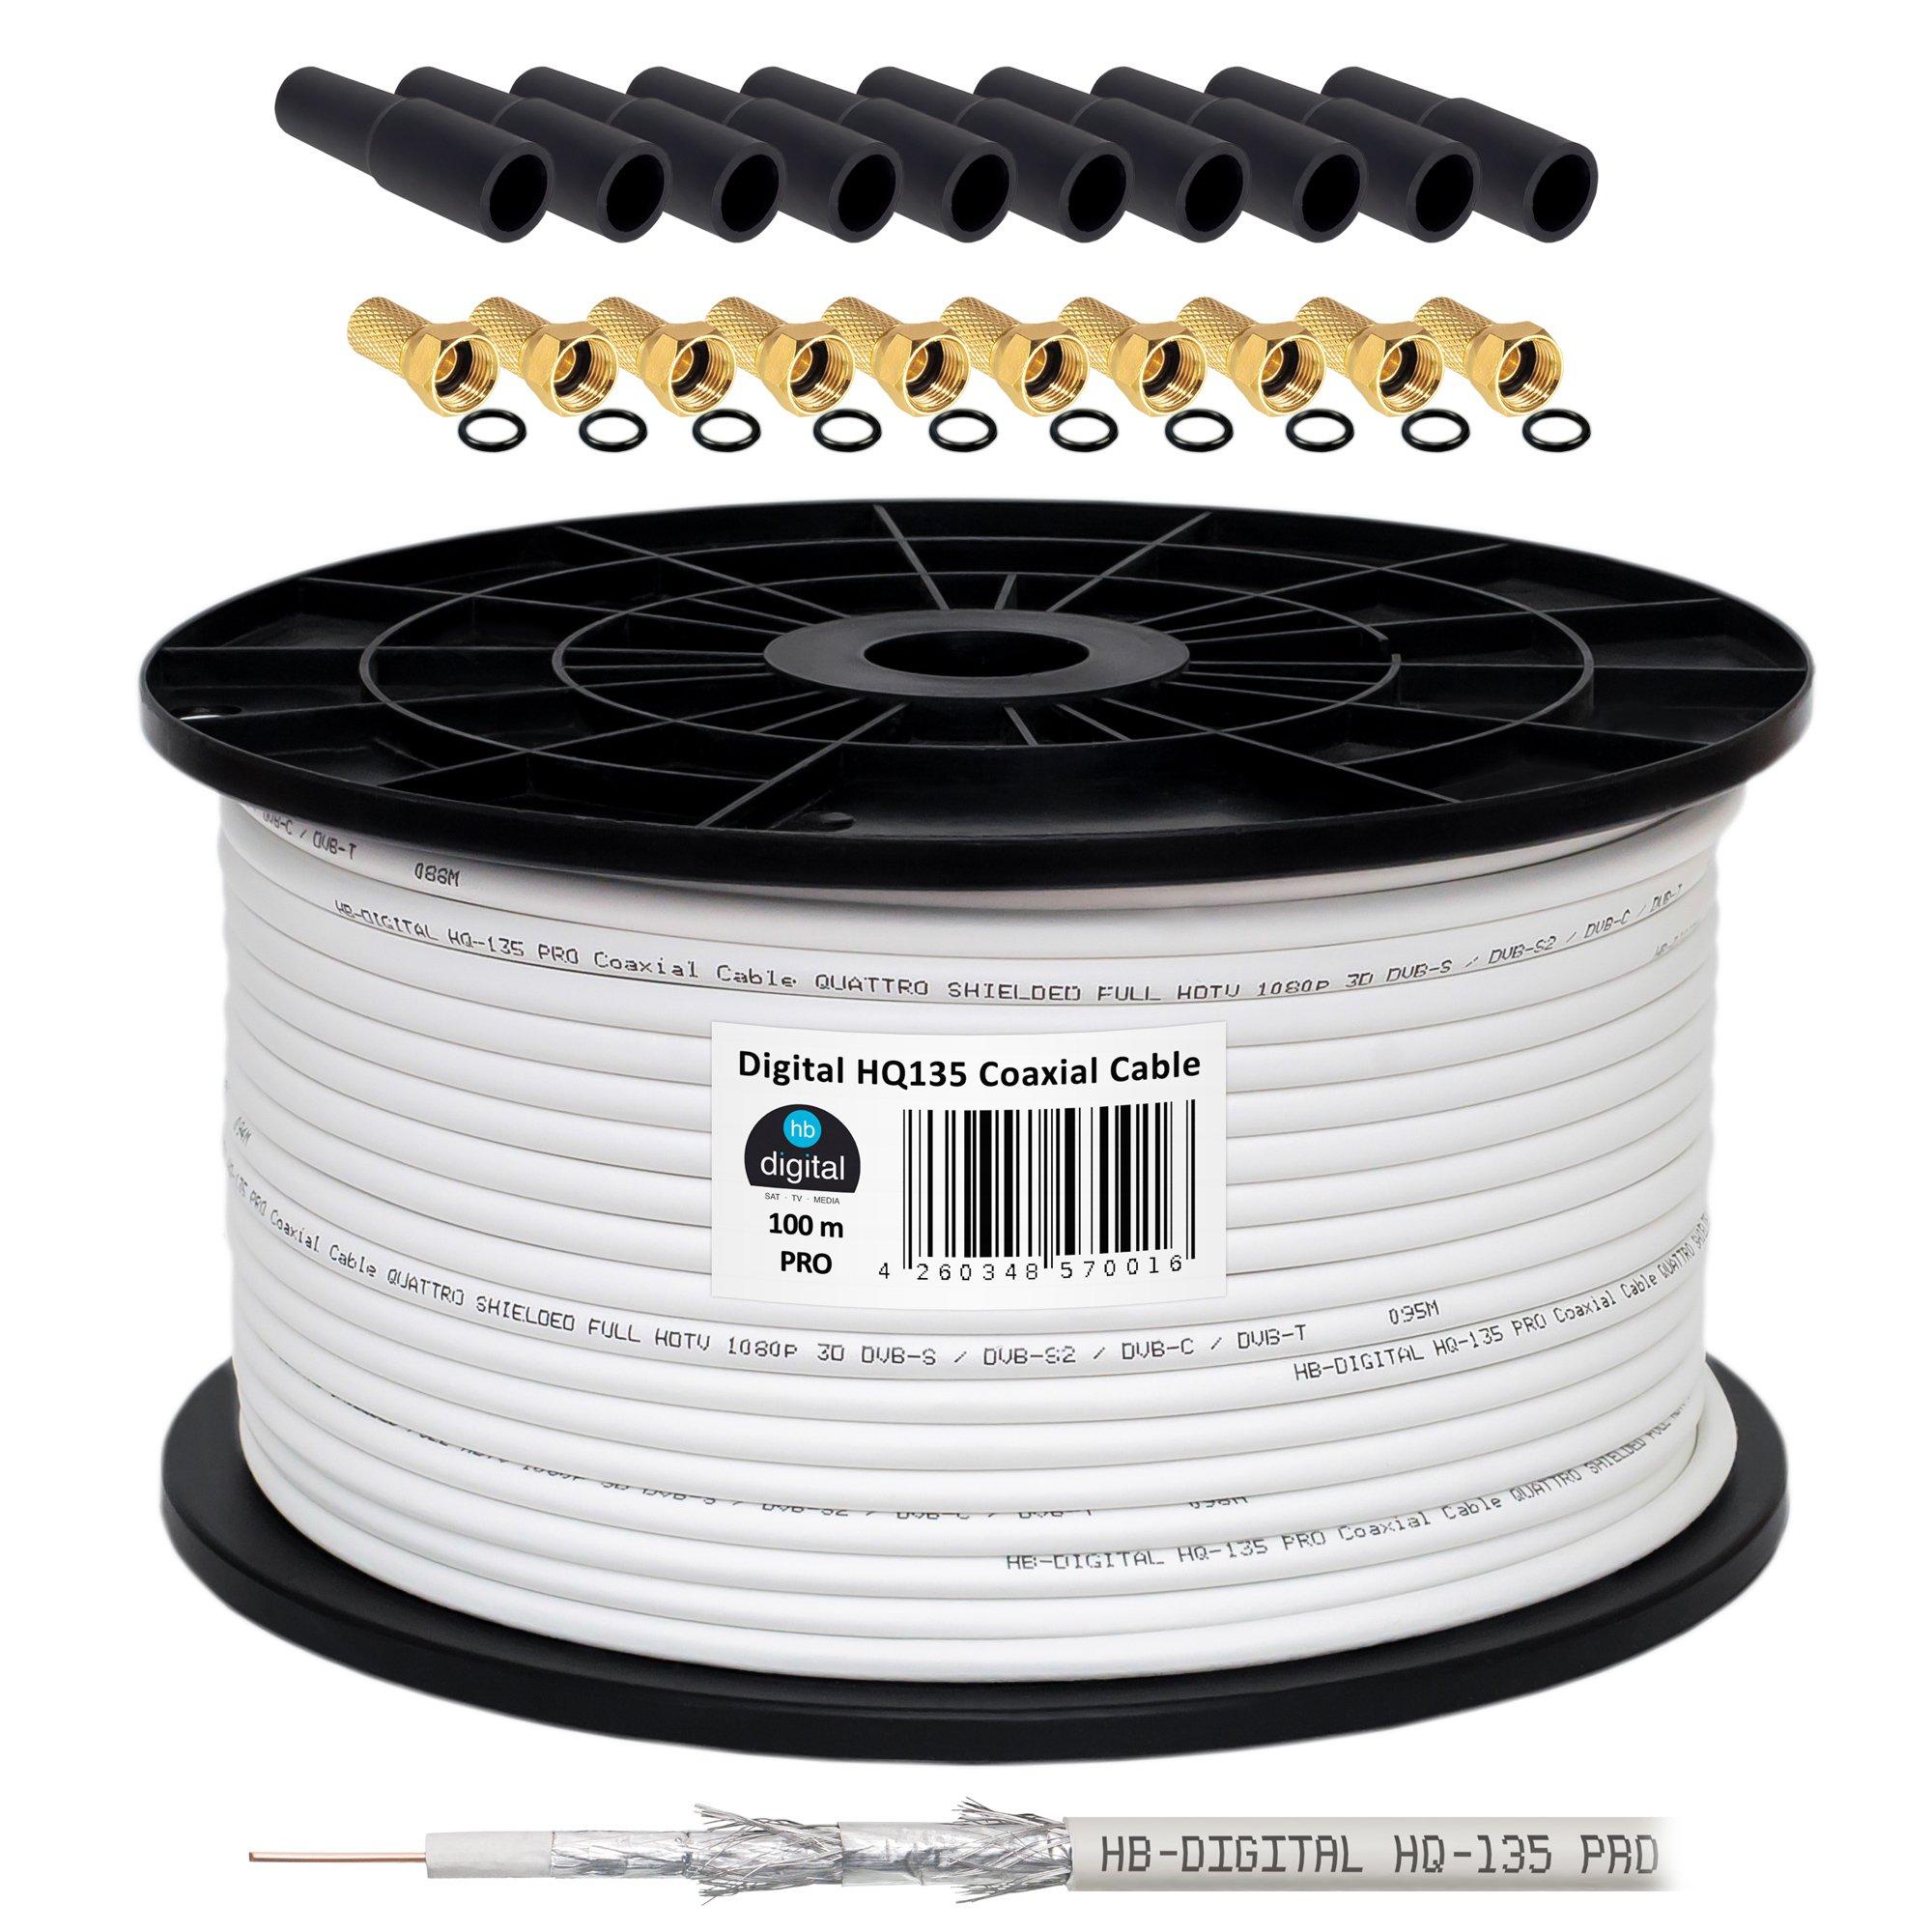 130 db 100 m cable coaxial HQ-135 PRO 4-capas + 10 F